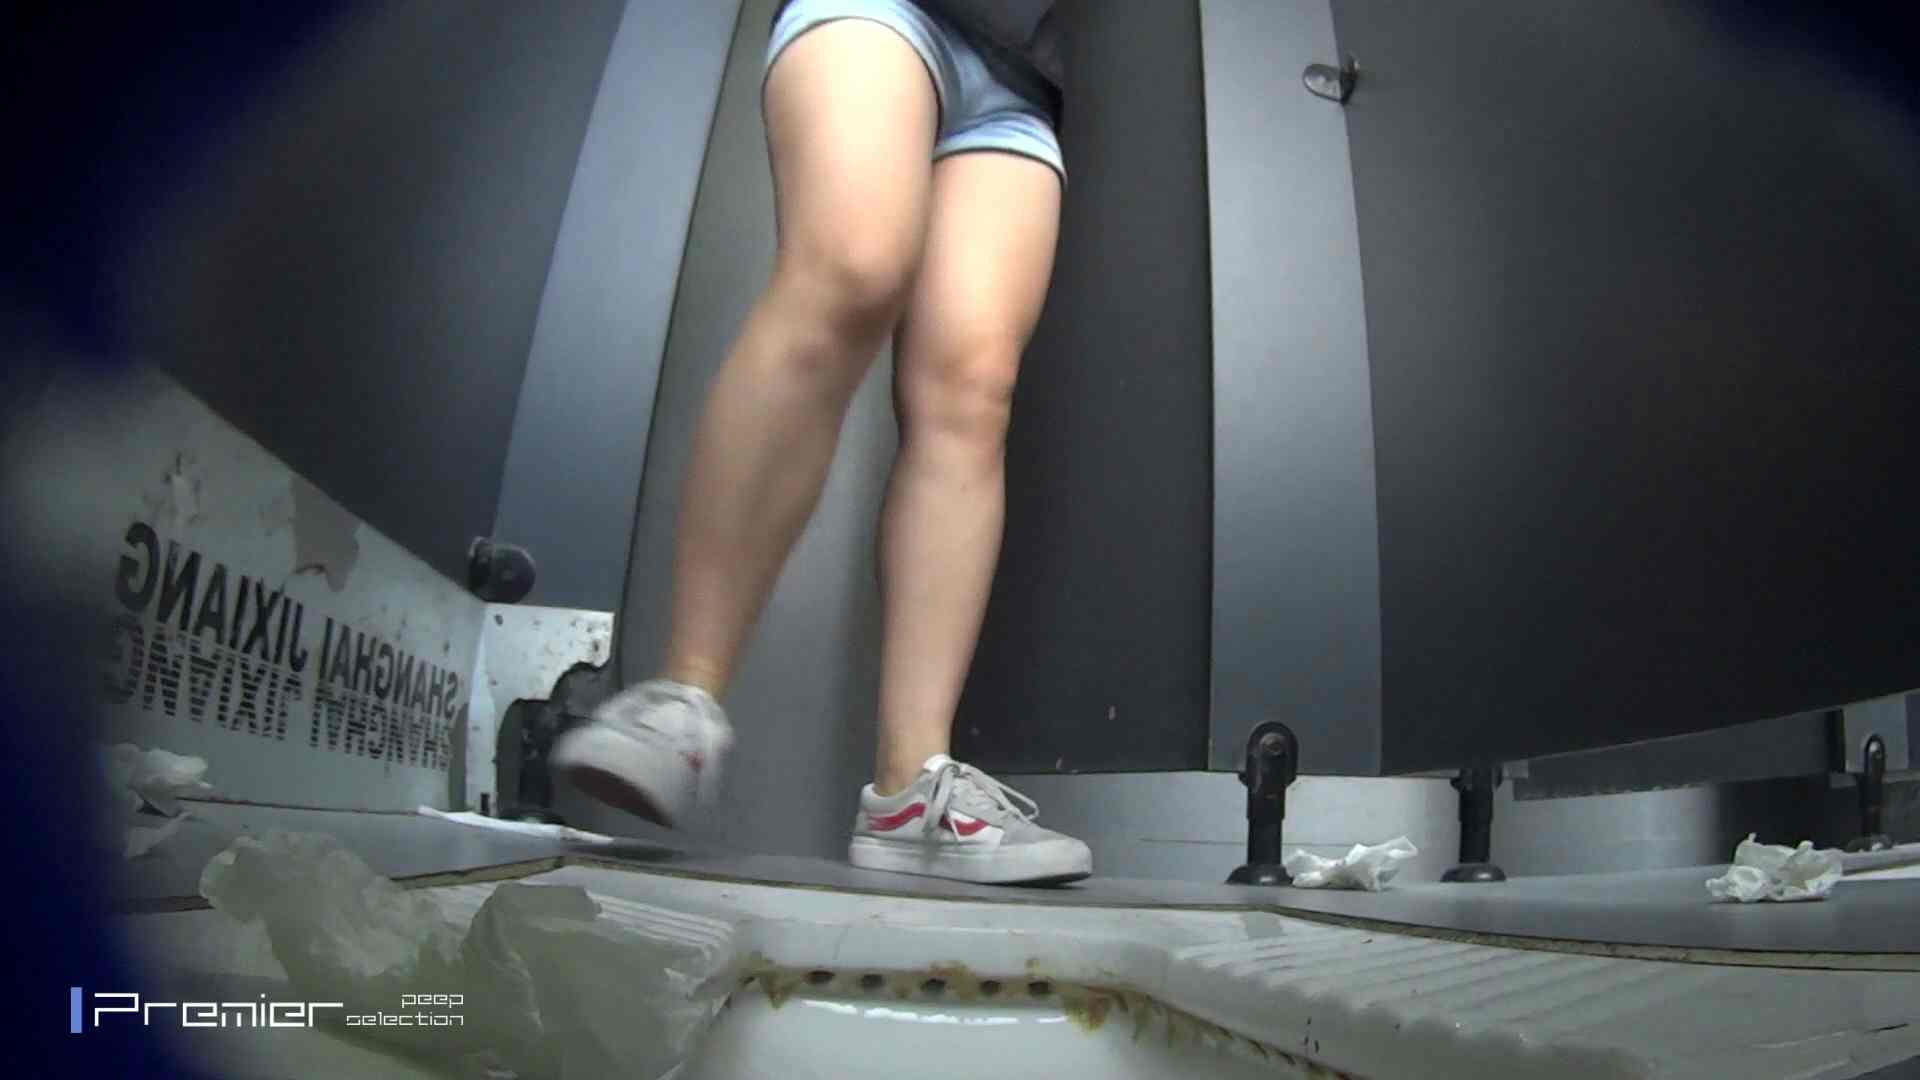 スキニージーンズの美女 大学休憩時間の洗面所事情56 盛合せ SEX無修正画像 106枚 84